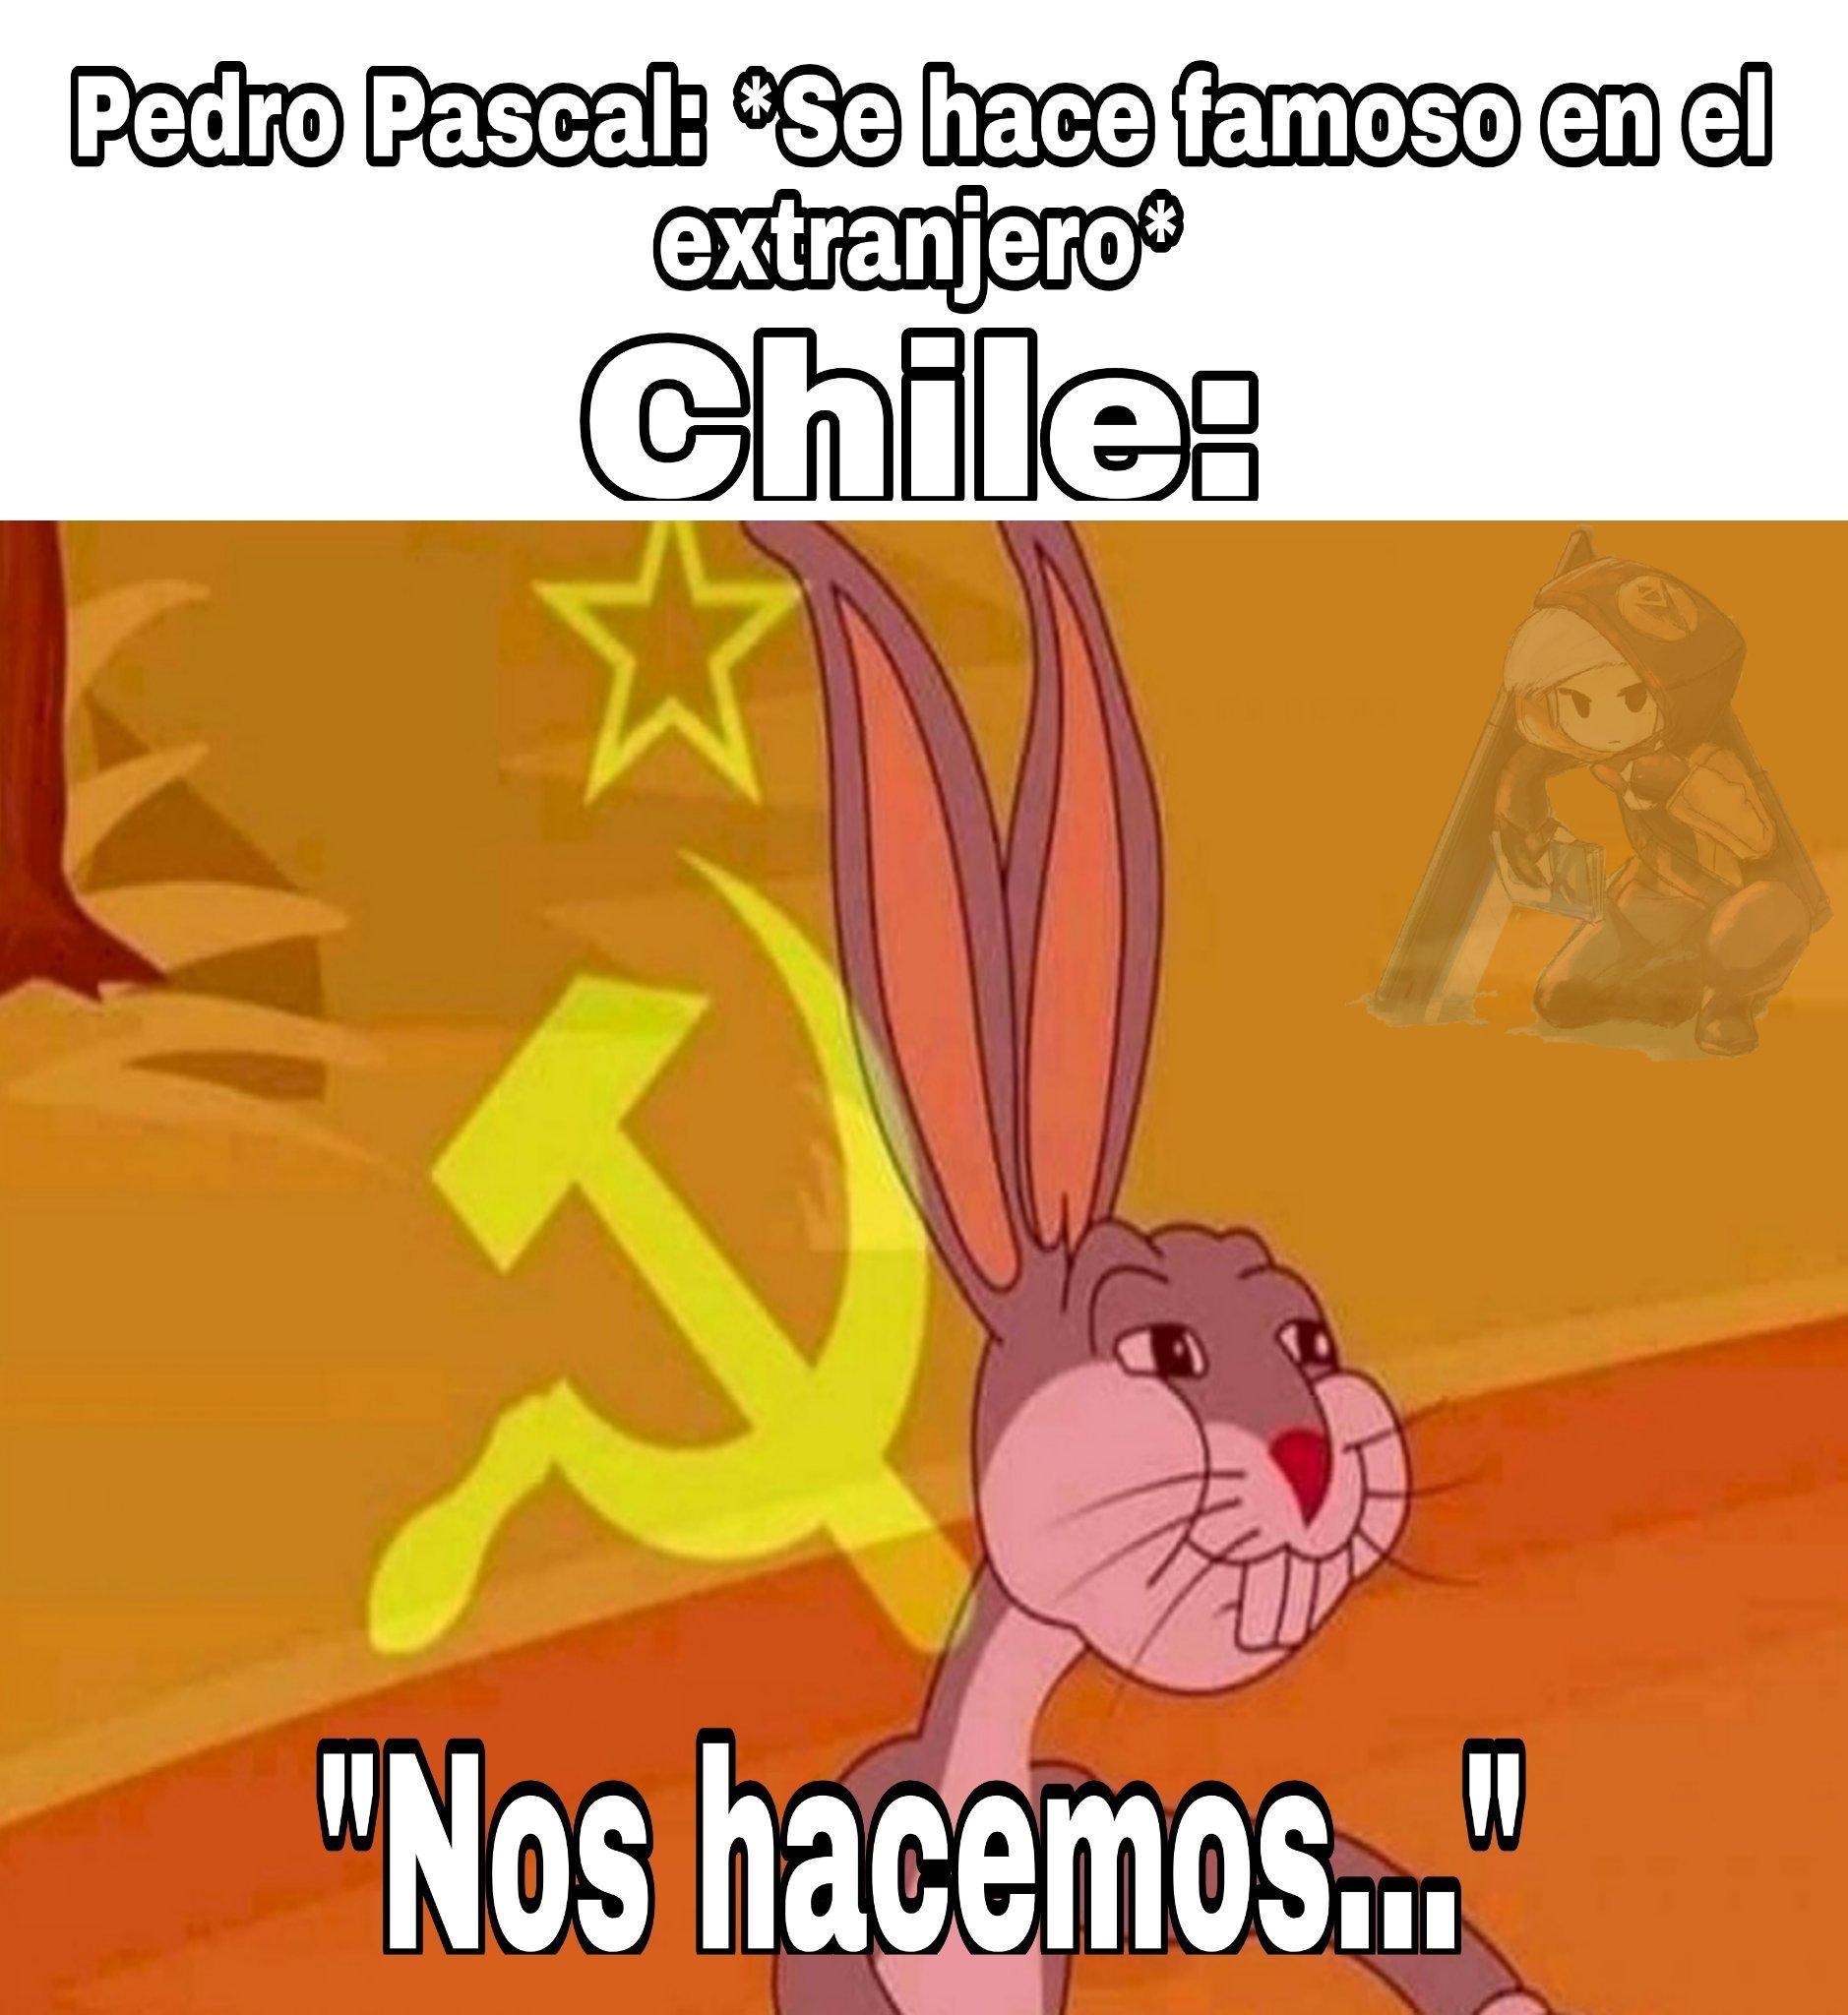 Que oportunistas son los chilenos - meme